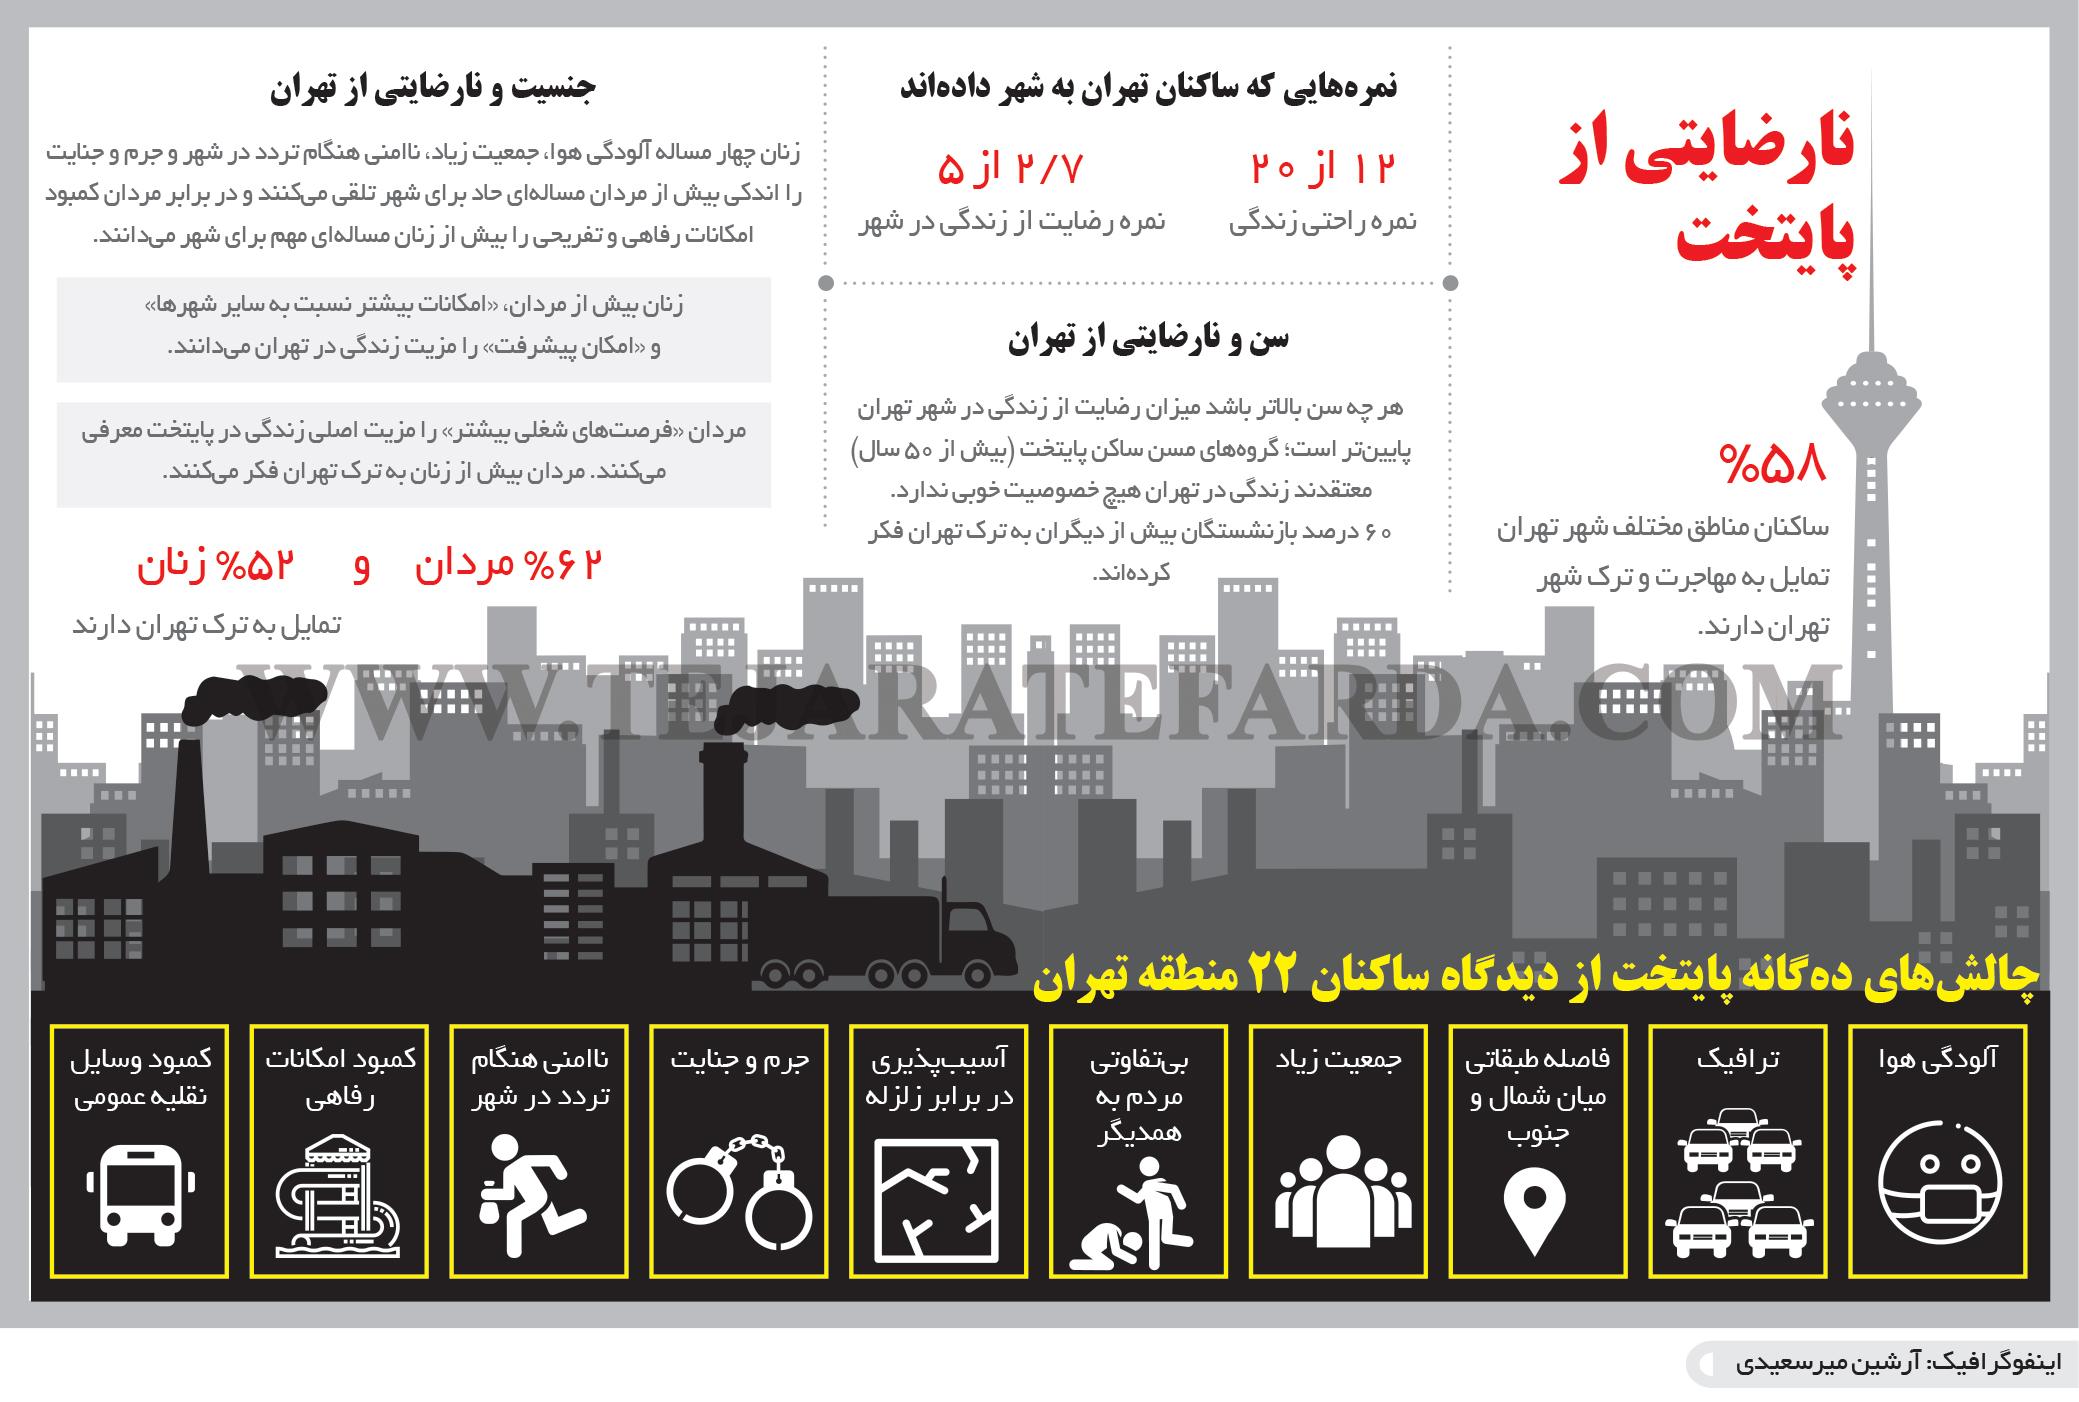 تجارت- فردا- نارضایتی از پایتخت(اینفوگرافیک)